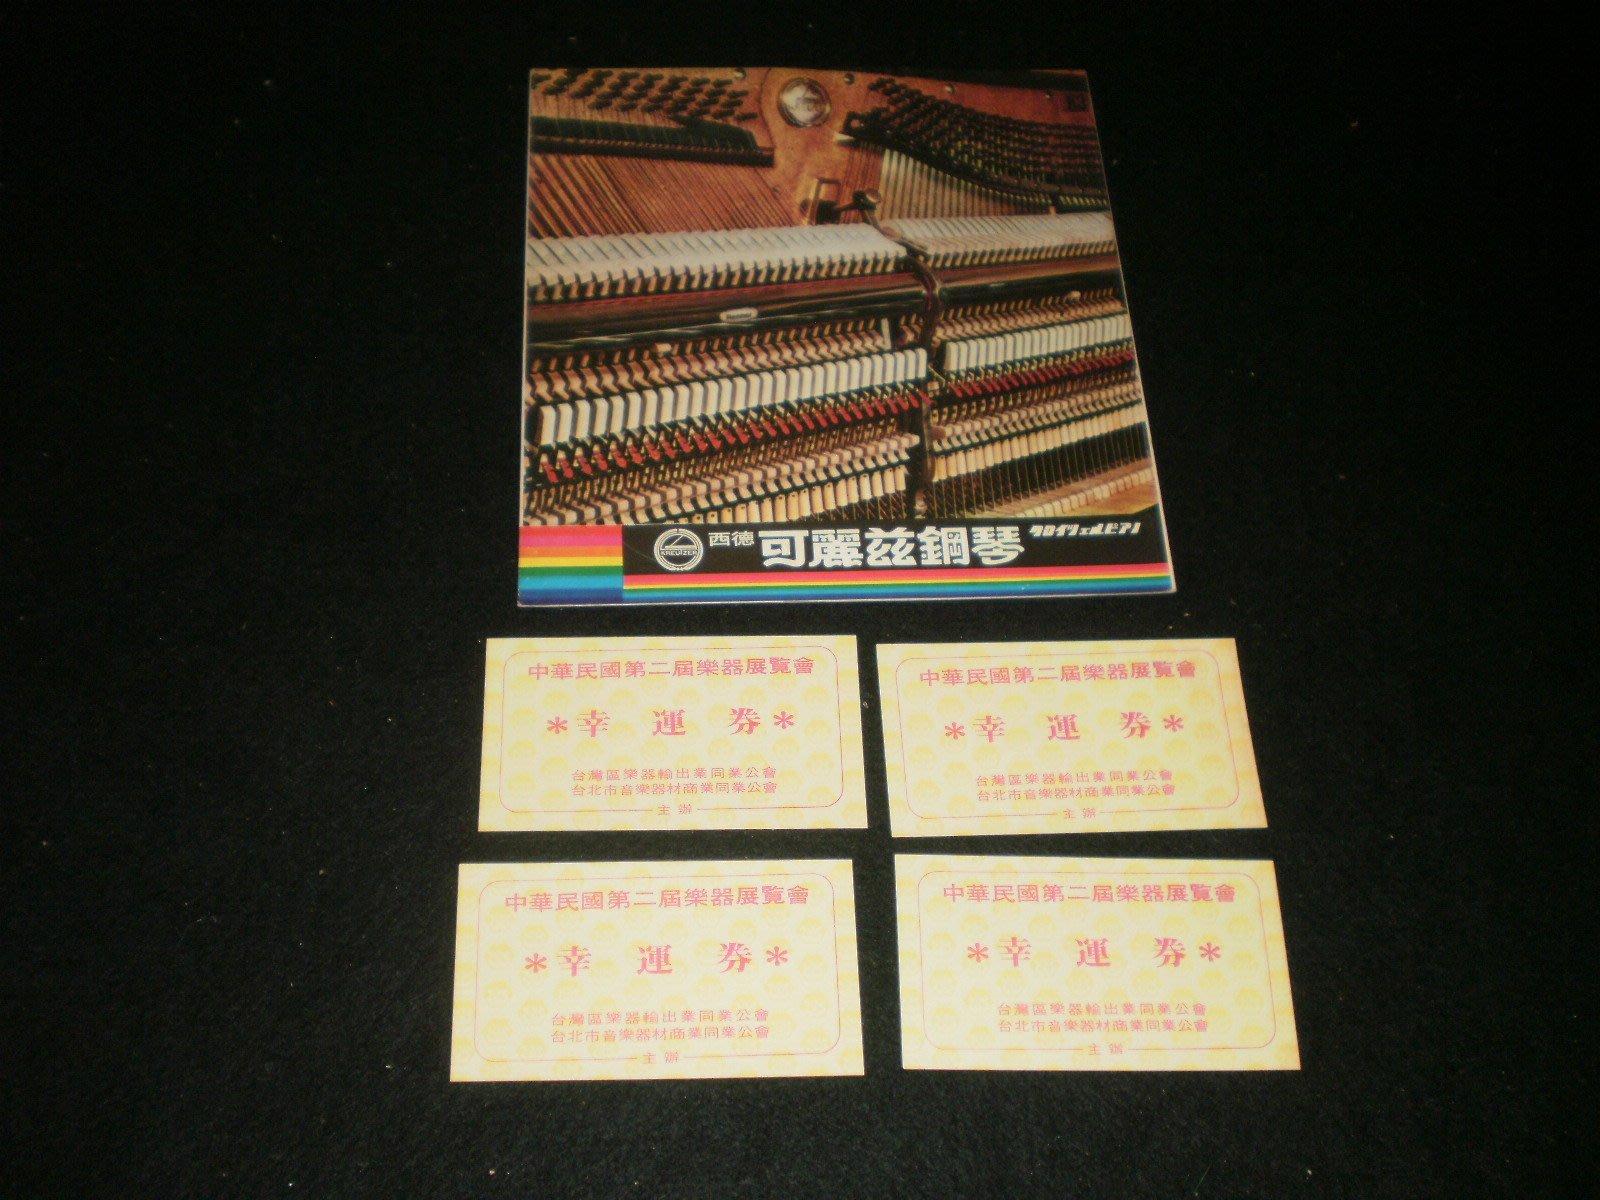 【可麗茲鋼琴廣告】【中華民國第二屆樂器展覽會獎券】六十一年  庫149